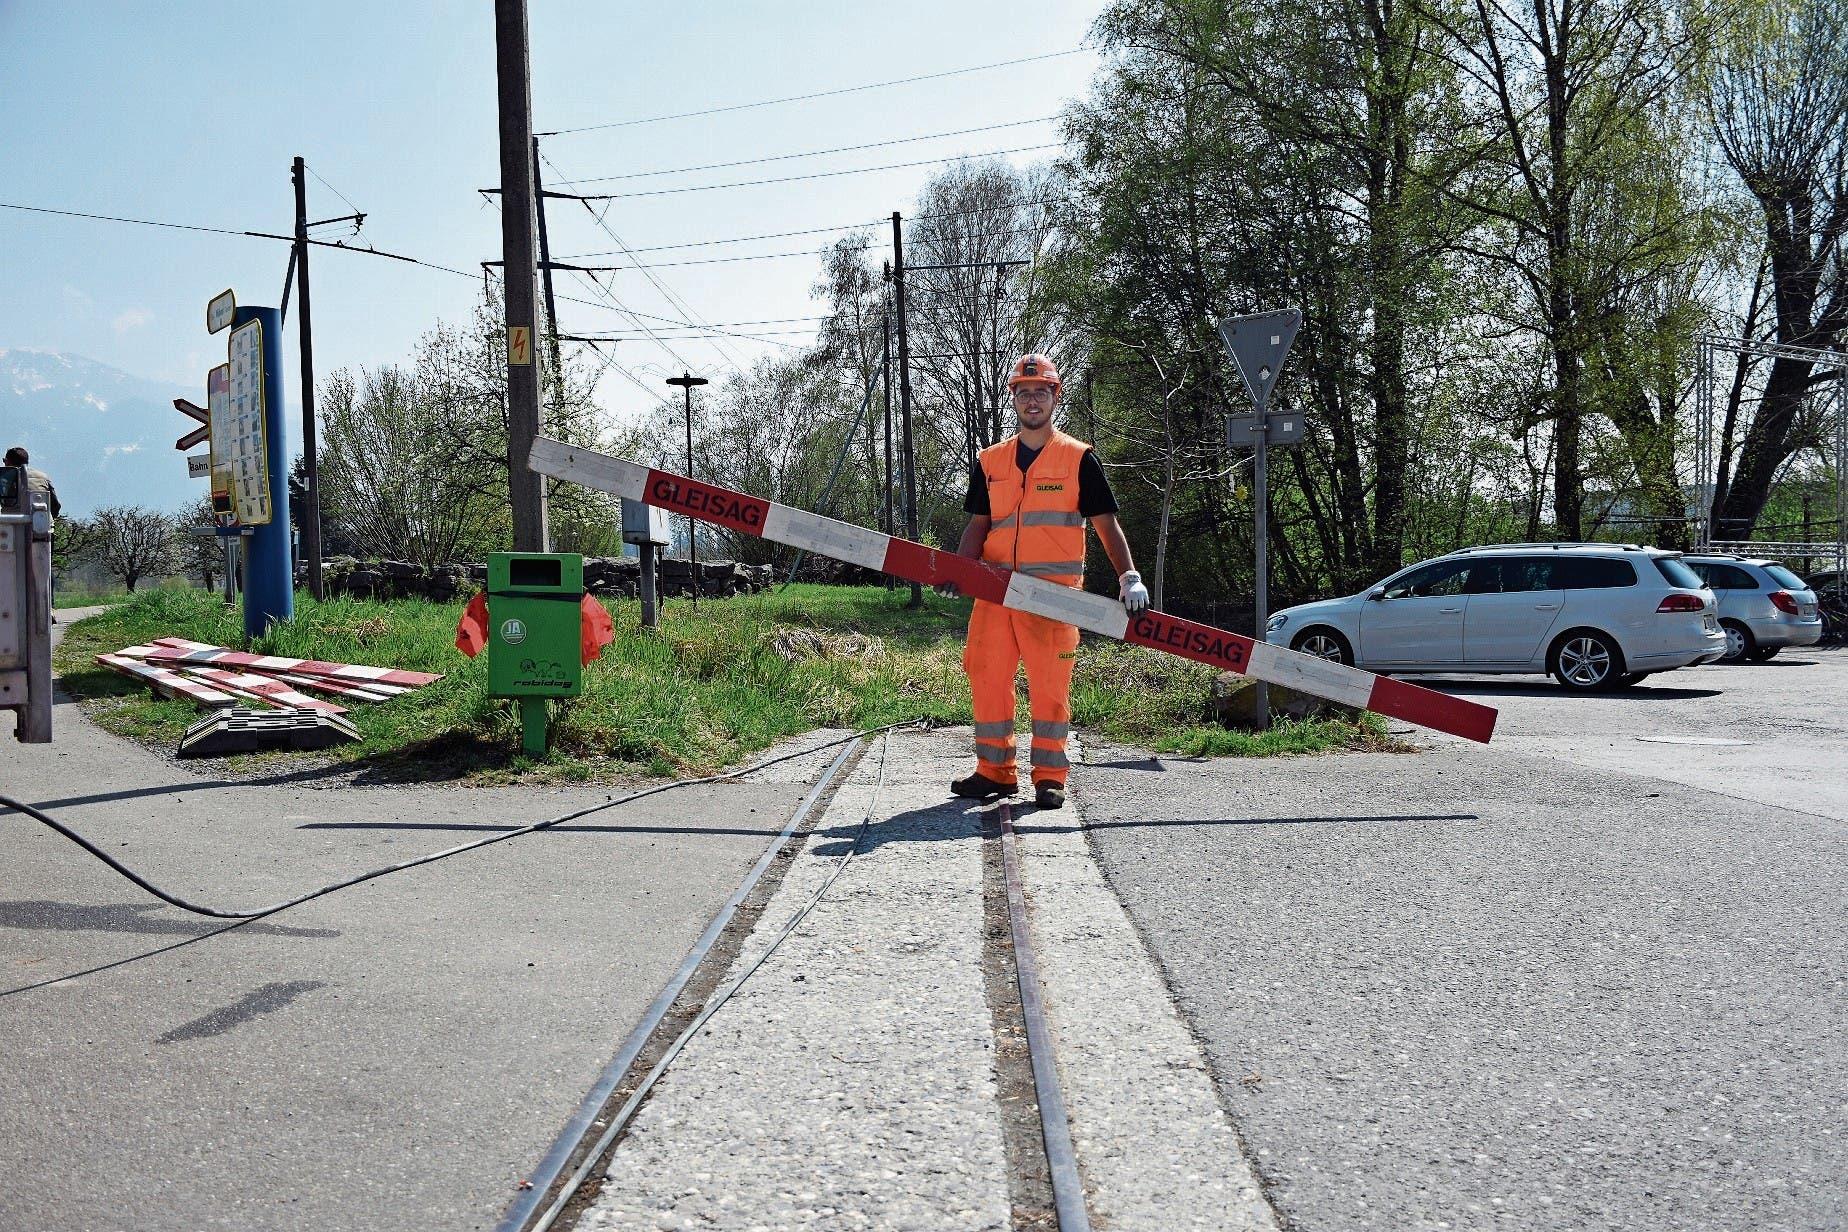 Wegen der Arbeiten am Gleis ist heute Dienstag bei der Wiesenrainbrücke mit Verkehrsbehinderungen zu rechnen. (Bild: Kurt Latzer)